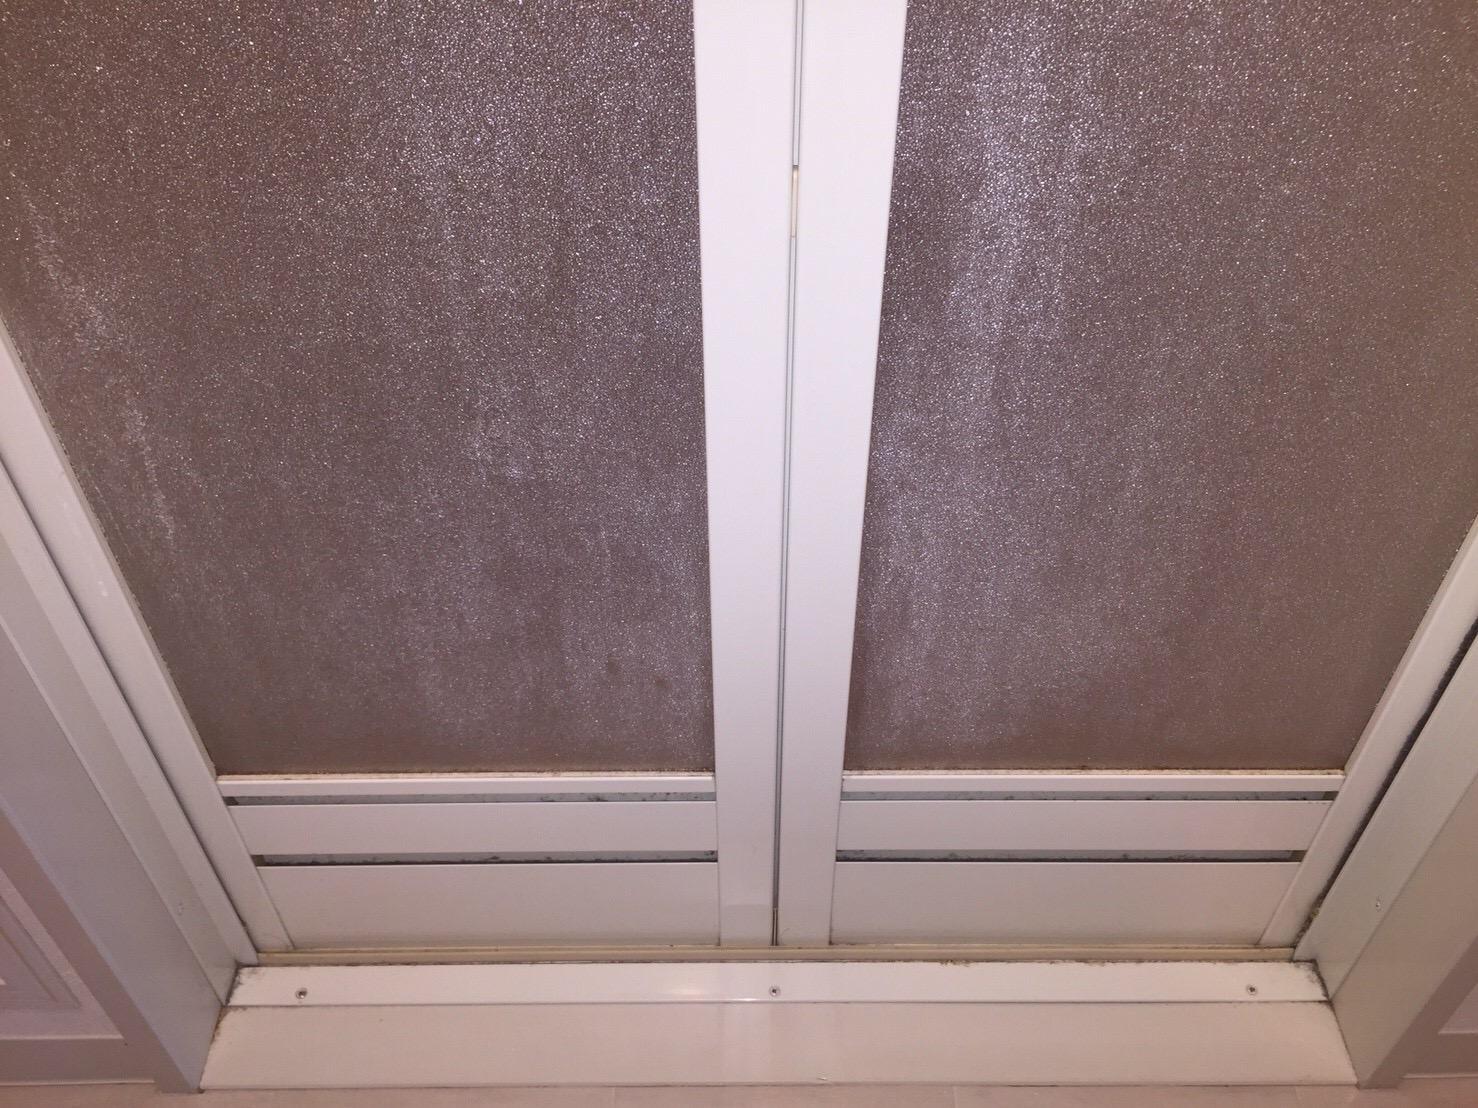 川西市 浴室クリーニング「扉/ドア」 ハウスクリーニング おそうじ/おそうじプラス